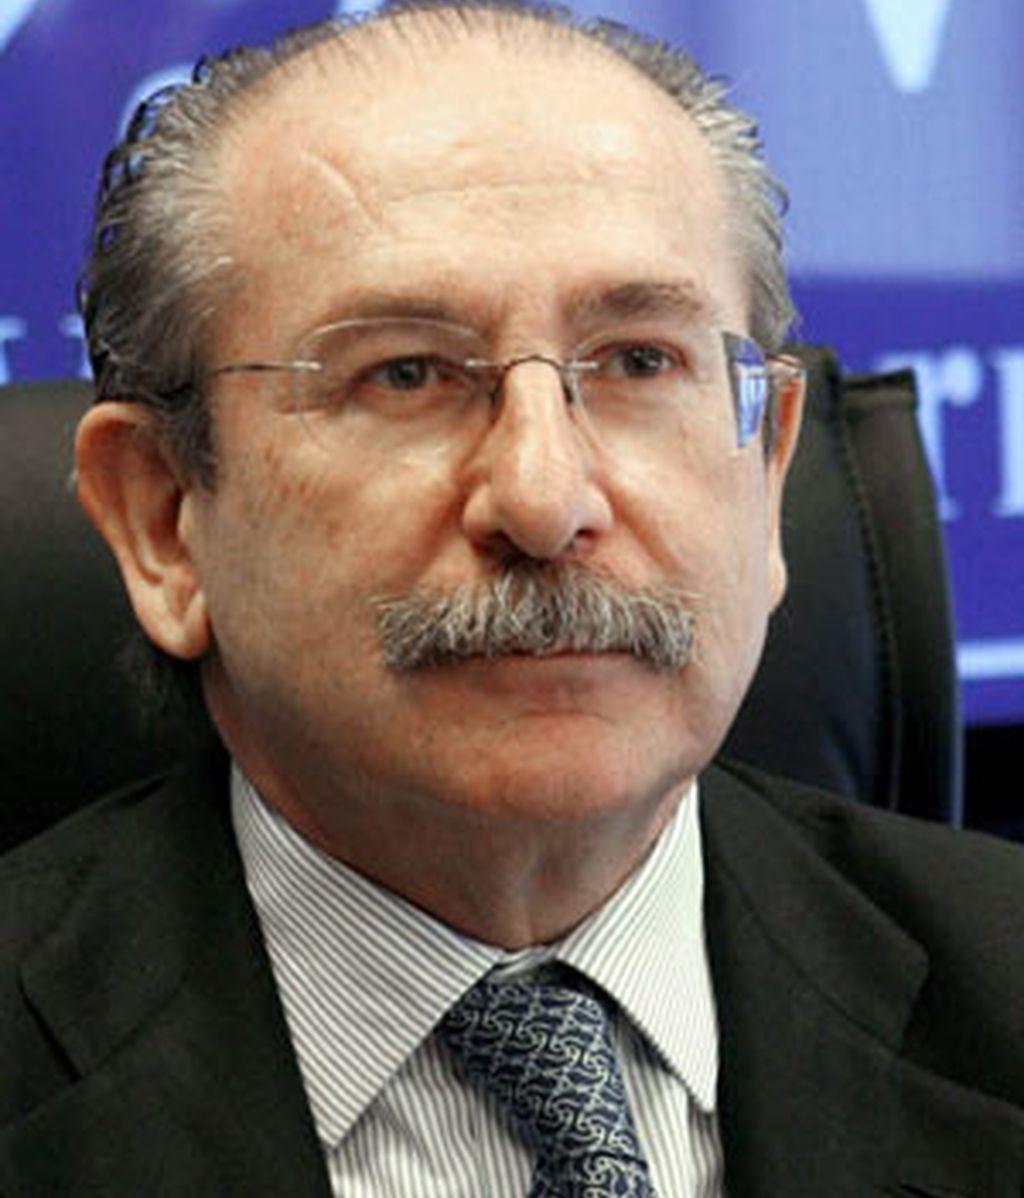 Fotografía de archivo de Luis del Rivero, que ha sido destituido como presidente de la constructora Sacyr Vallehermoso. FOTO: EFE